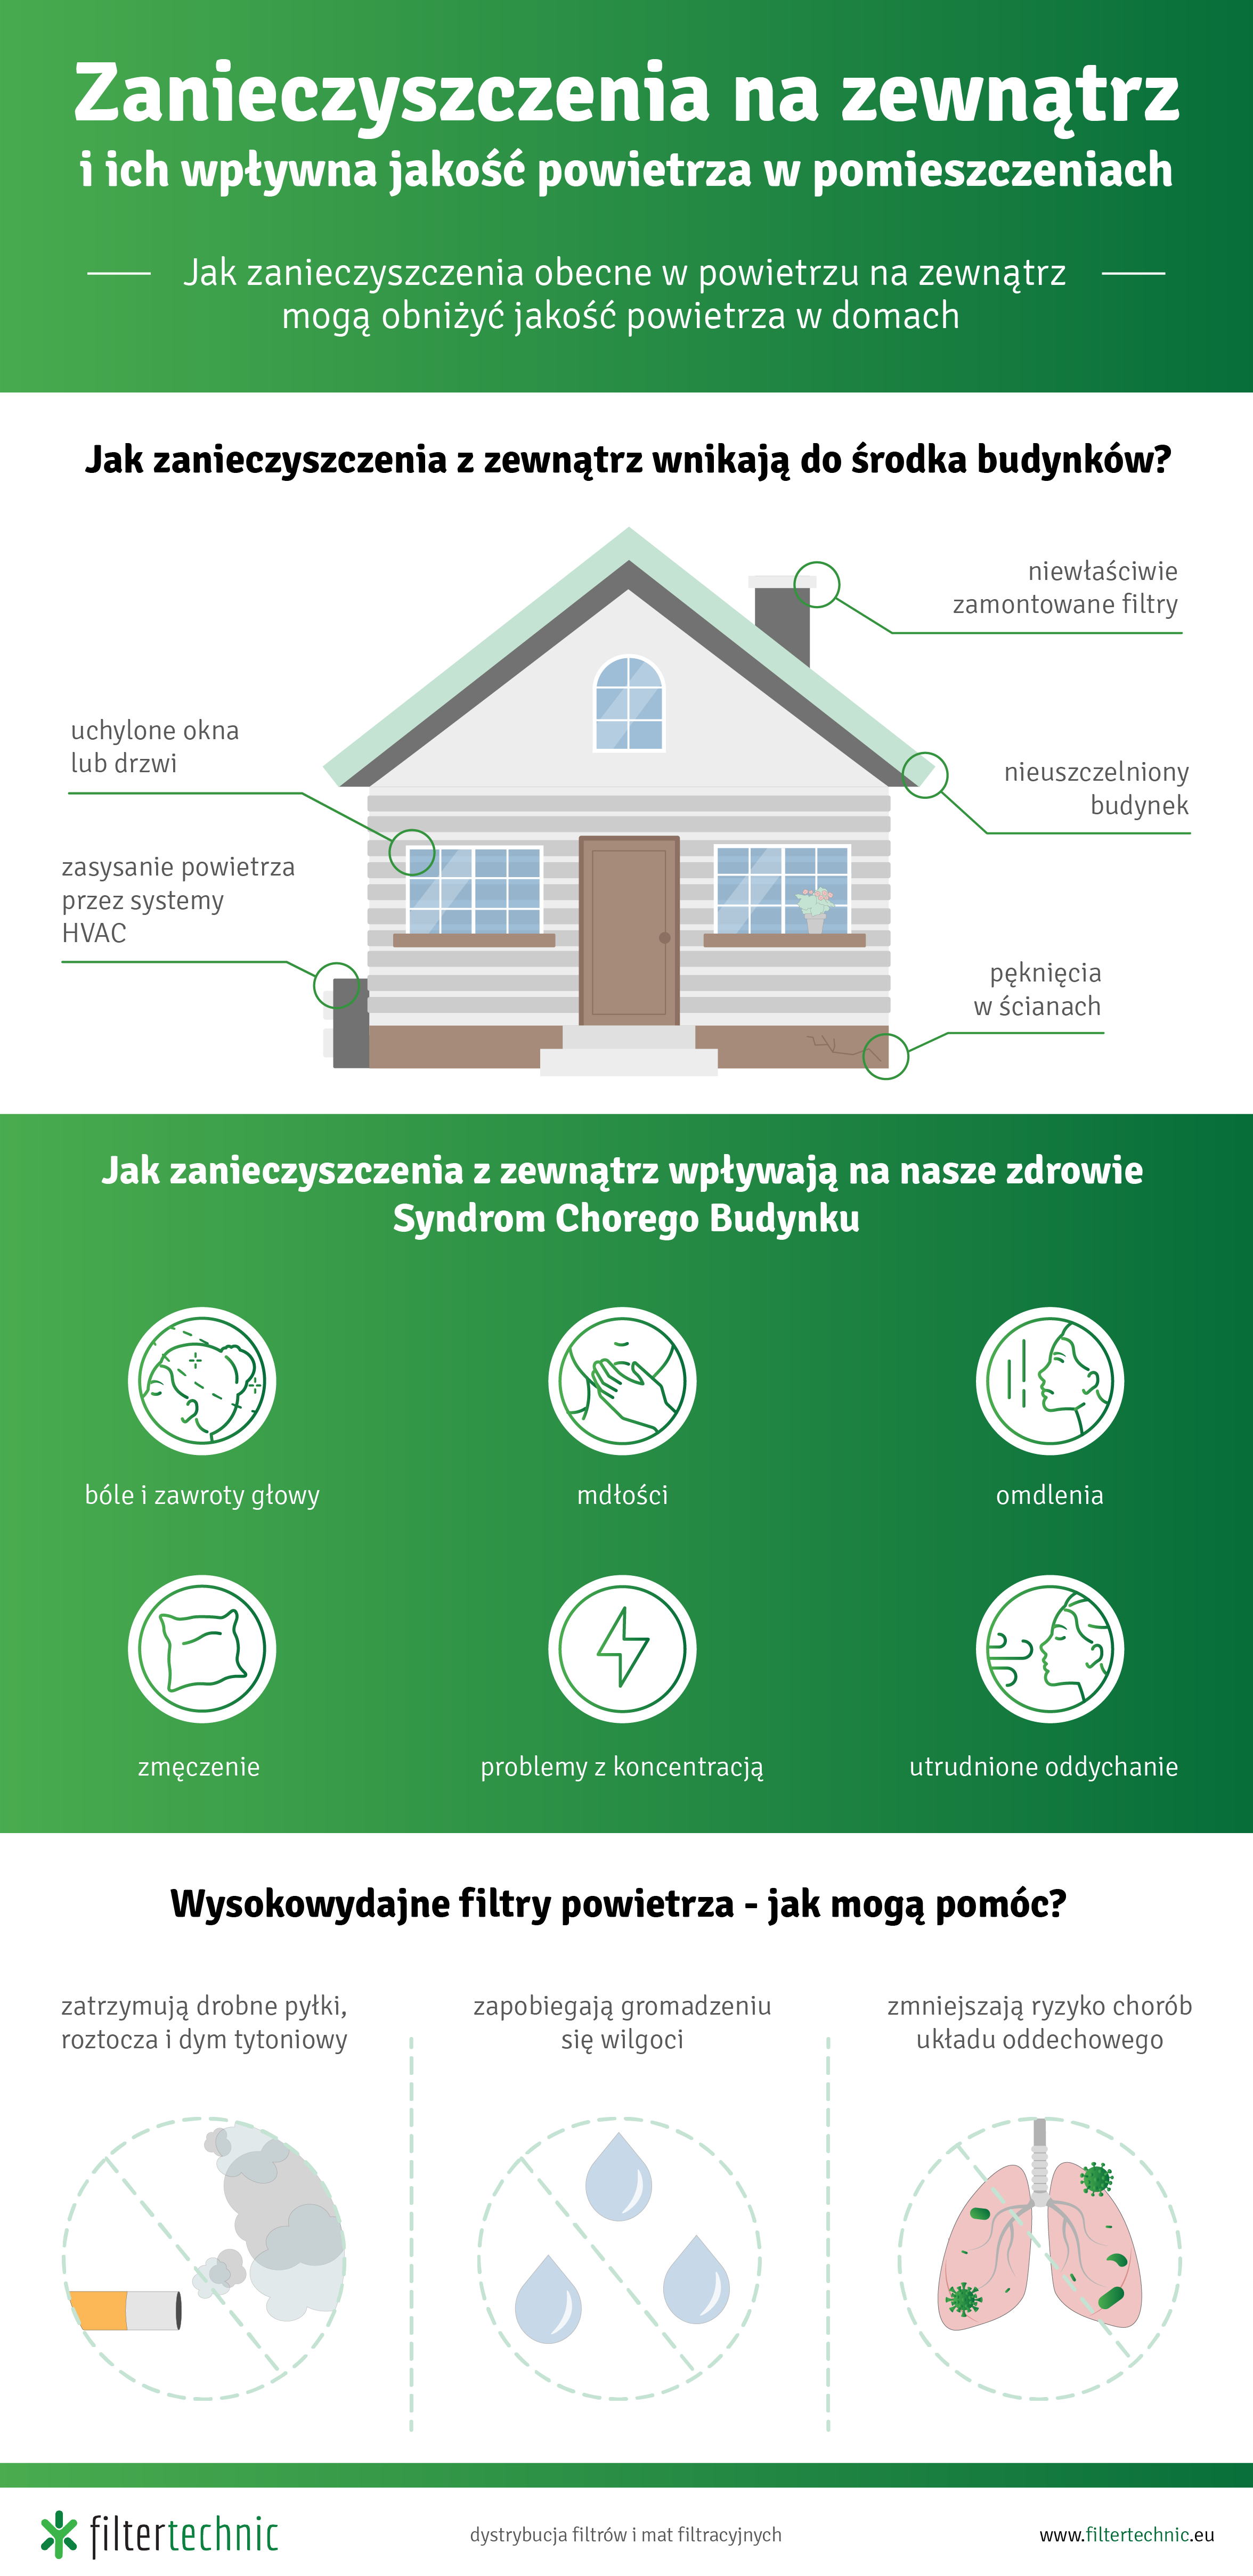 jak zanieczyszczenia z zewnątrz wpływają na jakość powietrza w domach